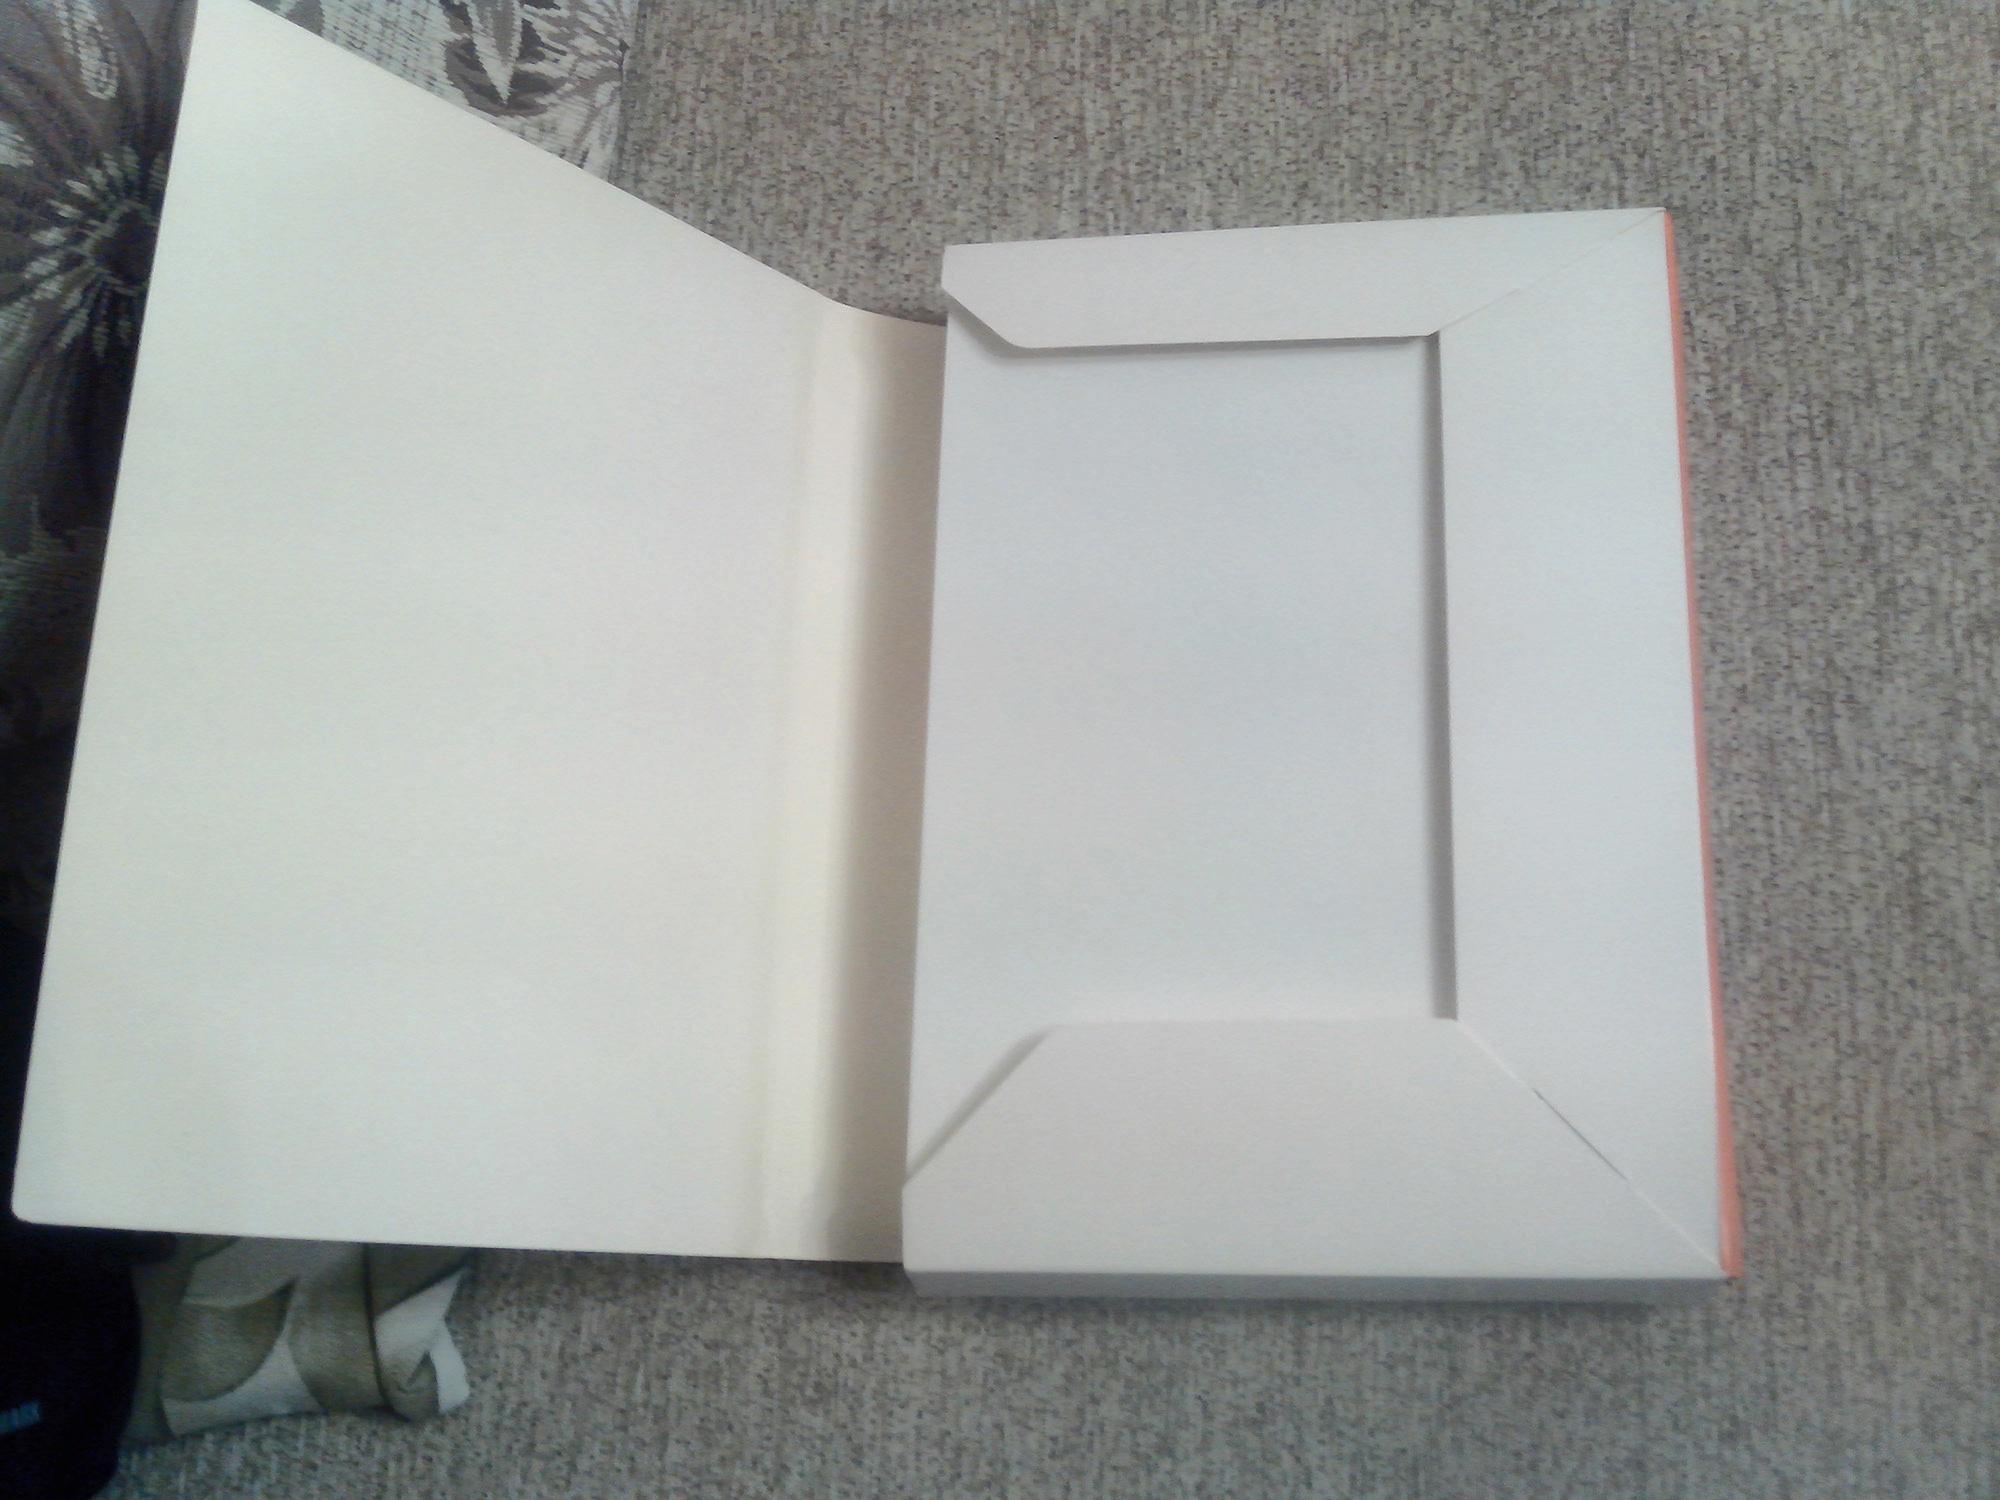 печать на двухсторонней фотобумаге в новосибирске поздравить